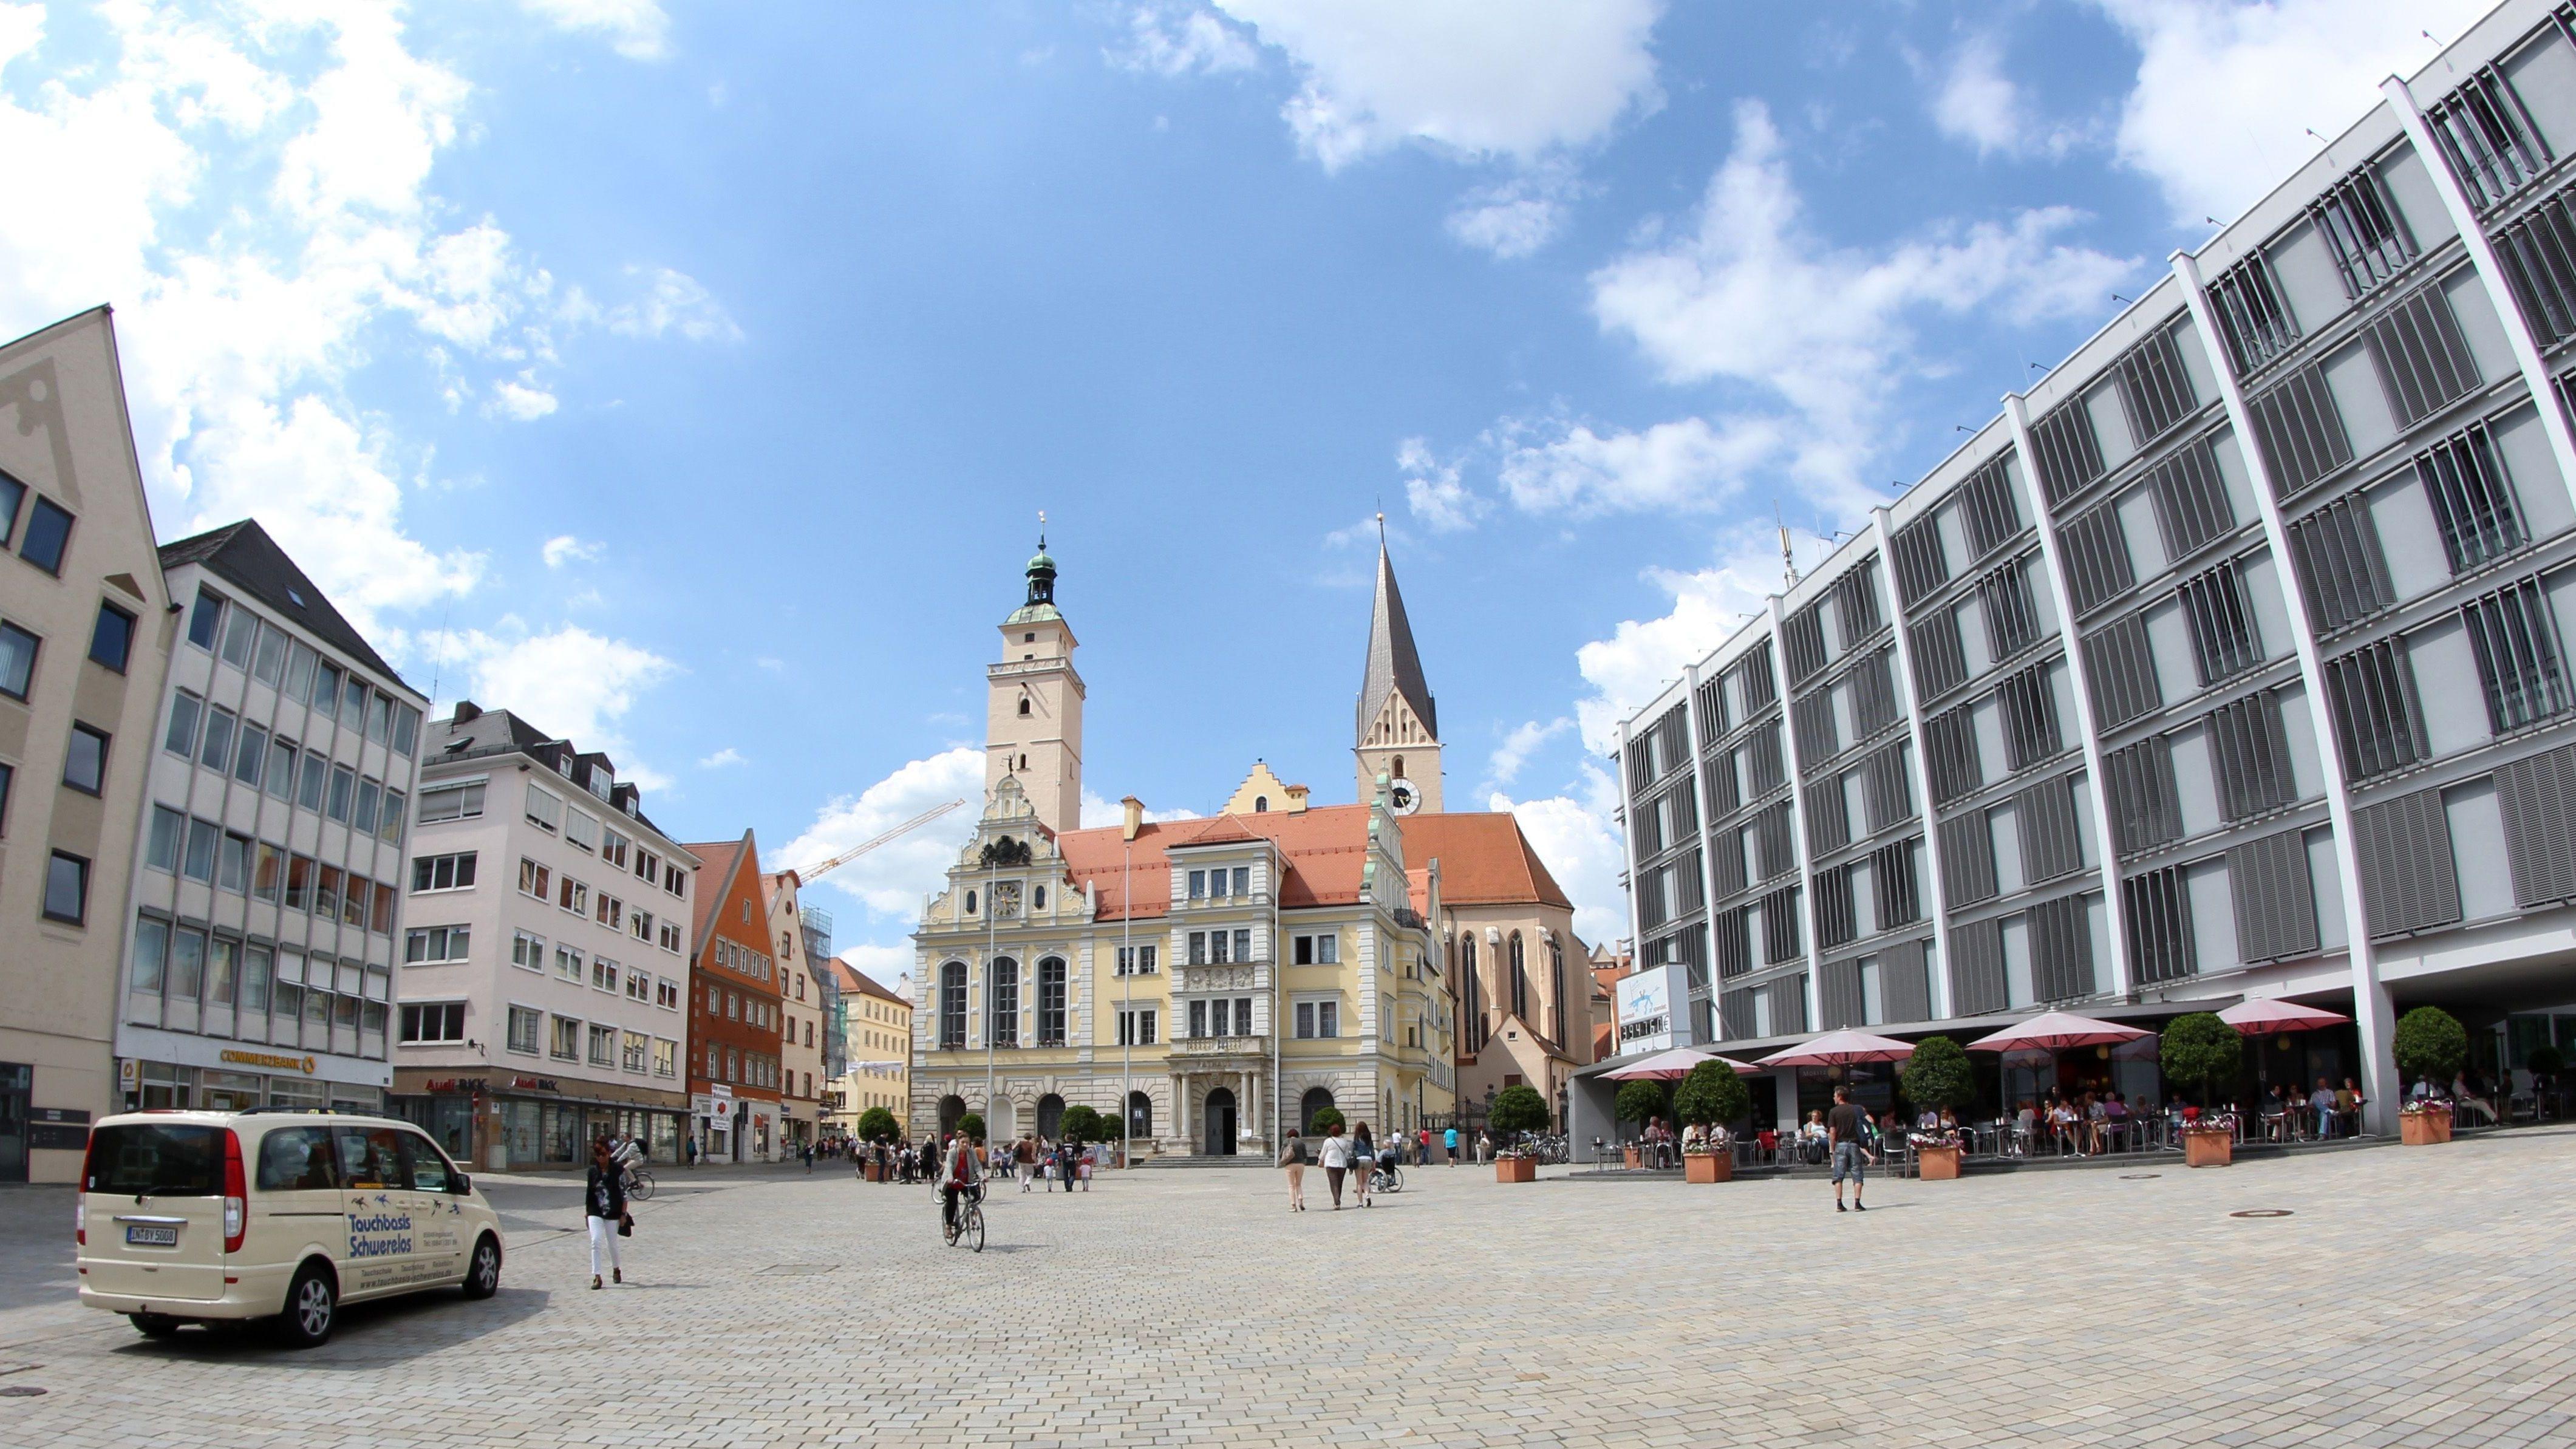 Rathausplatz mit Altem und Neuem Rathaus in Ingolstadt